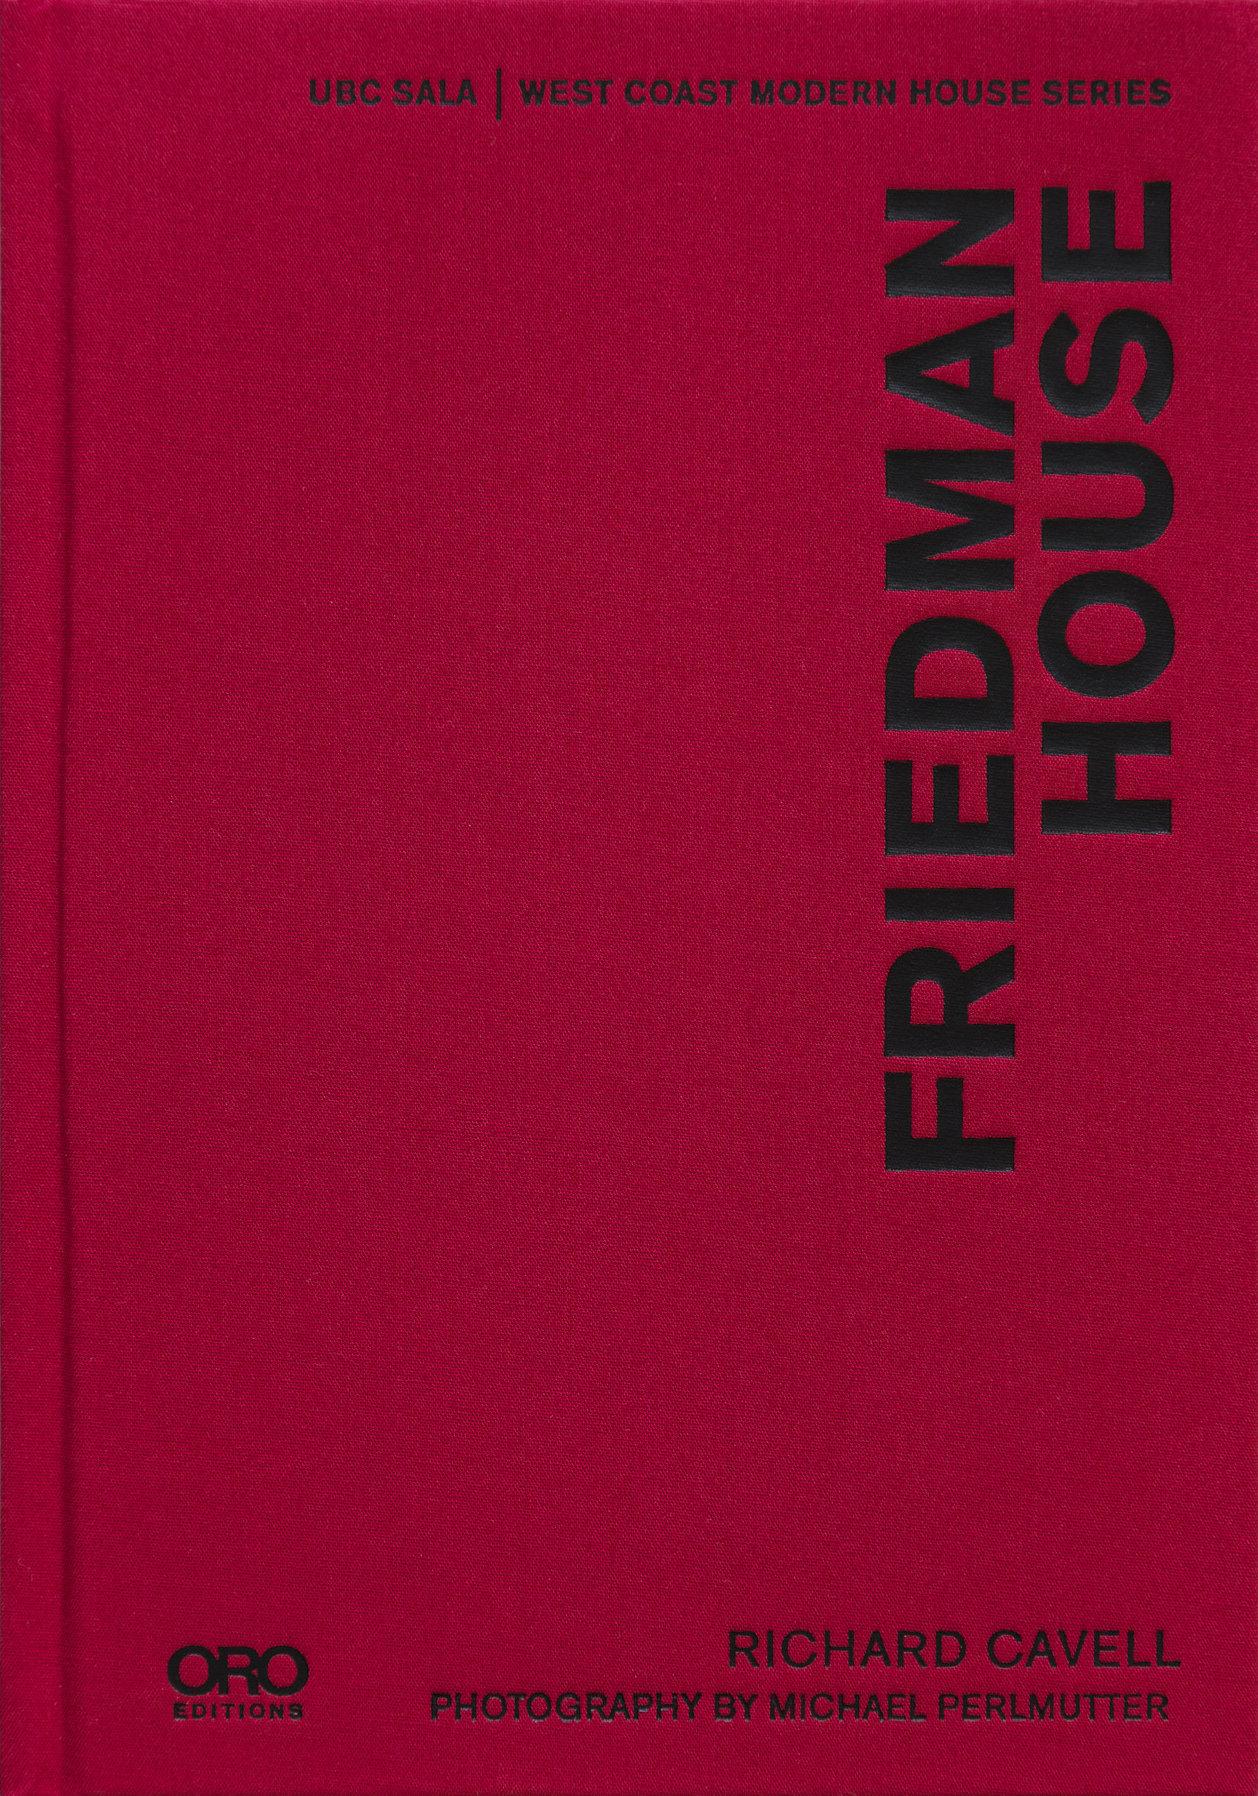 Friedman House Front Cover.jpg